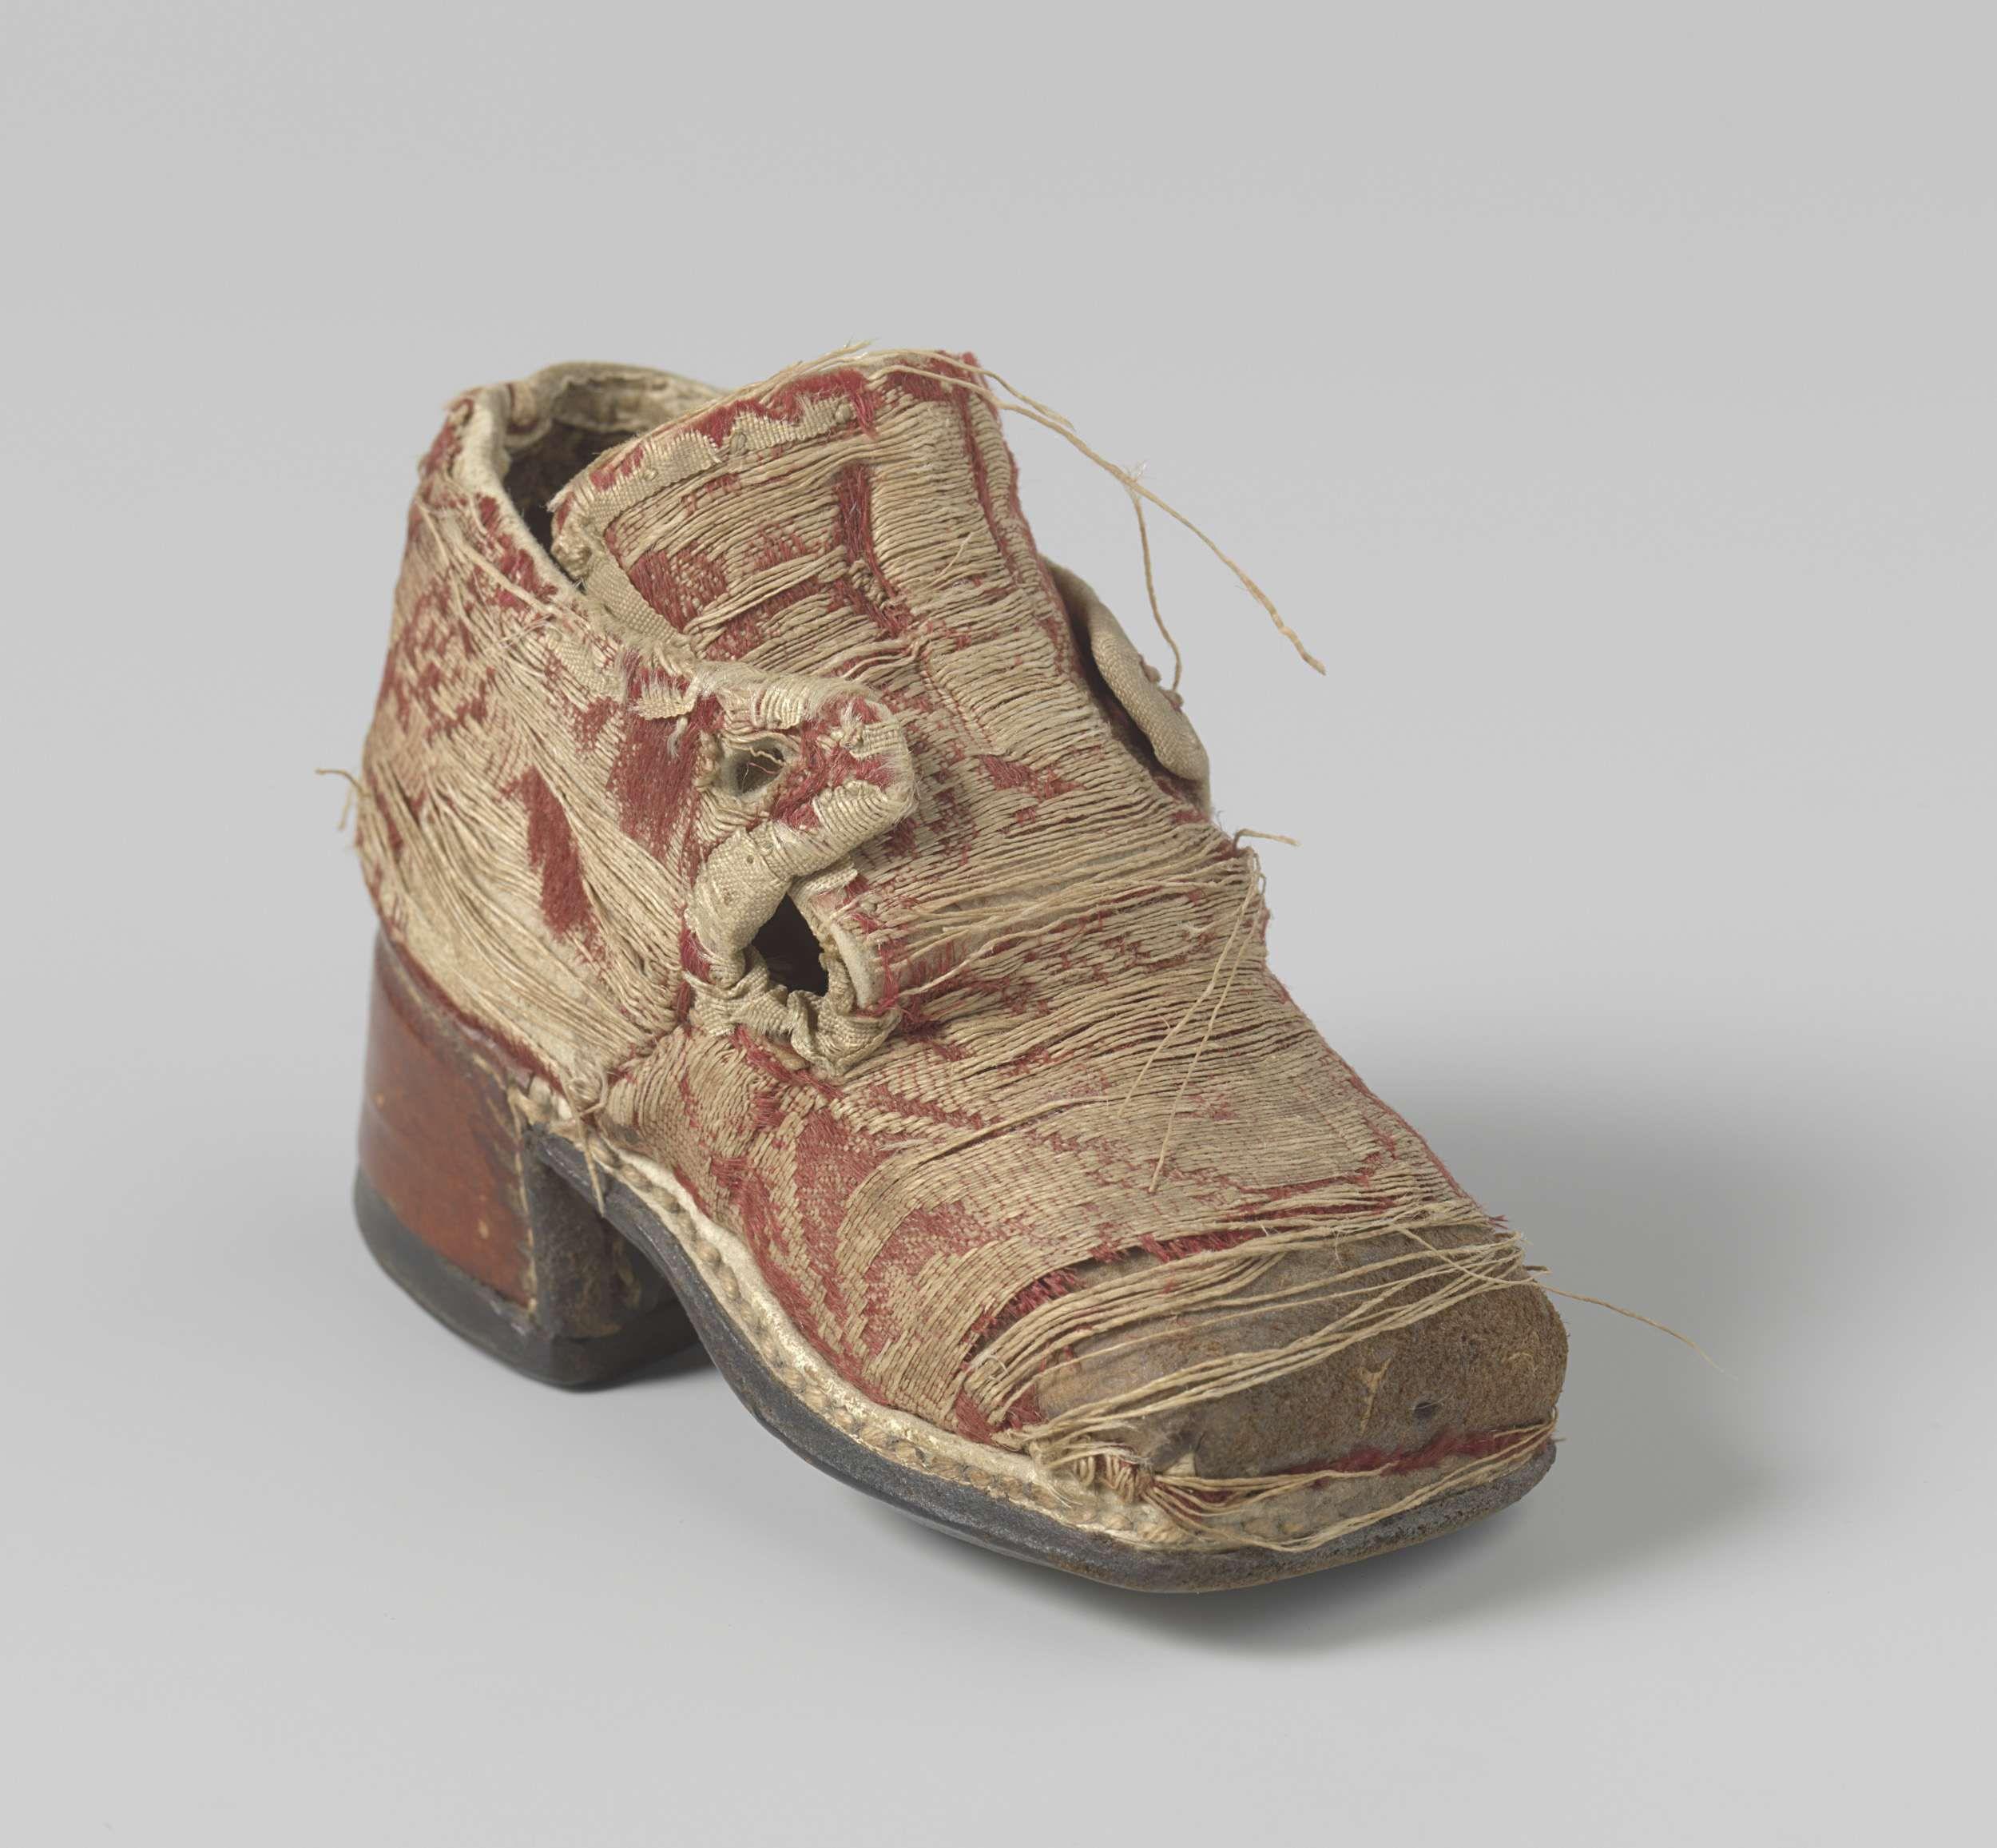 Anonymous   Schoen van gebrocheerde zijde, Anonymous, c. 1680 - c. 1690   Poppenschoen van rode gebrocheerde zijde, rode, vrij hoge hak. Vierkante neus, hoog oplopend voorblad, waarover twee lippen sluiten. De hak is overtrokken met rood leer,